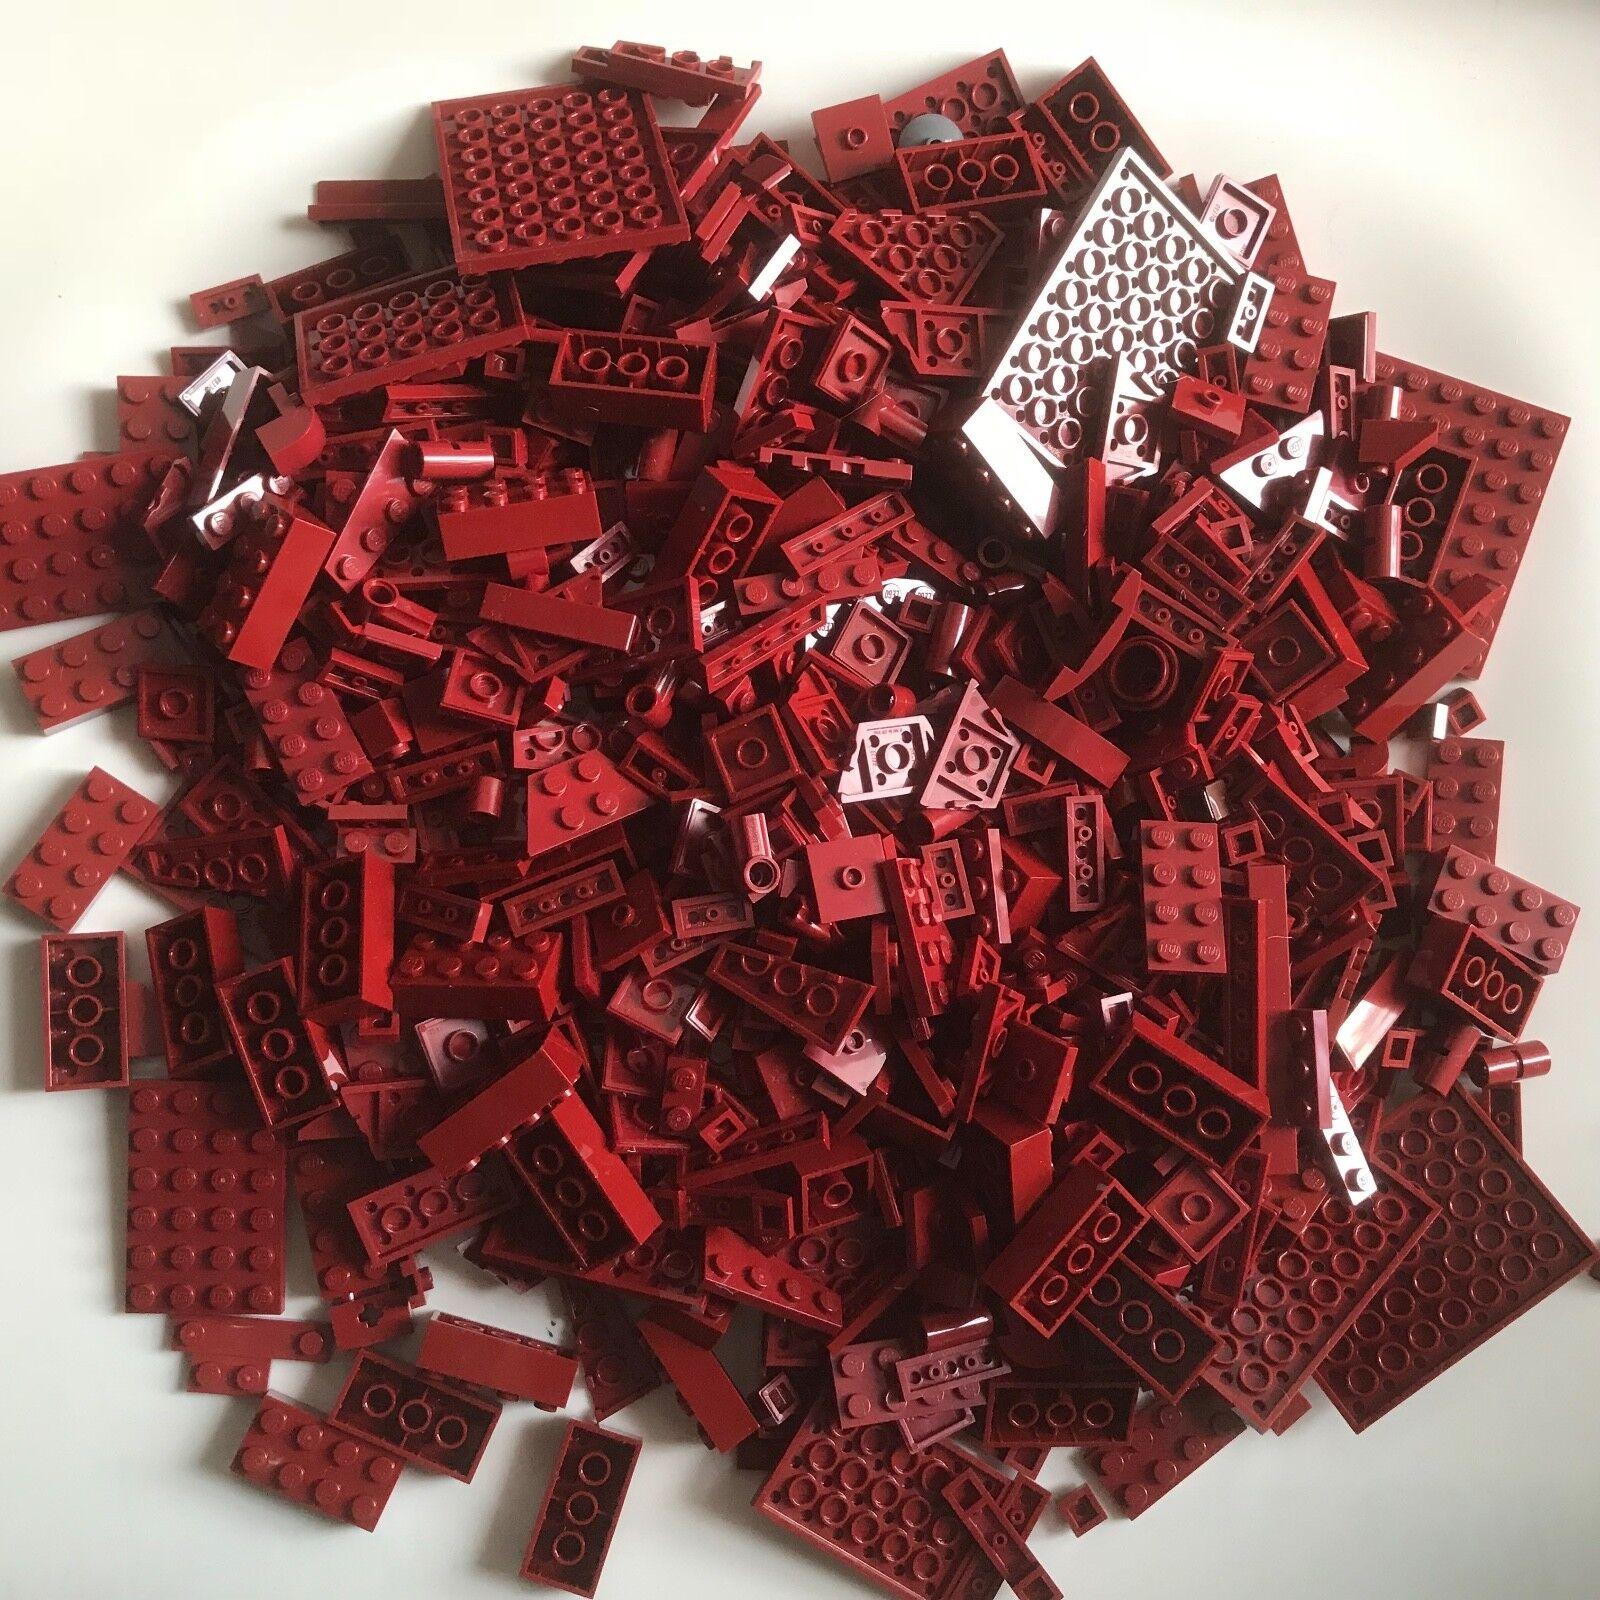 800 LEGO Neuf Rouge Foncé Building Pièces Lot Briques STAR WARS MARVEL Minecraft